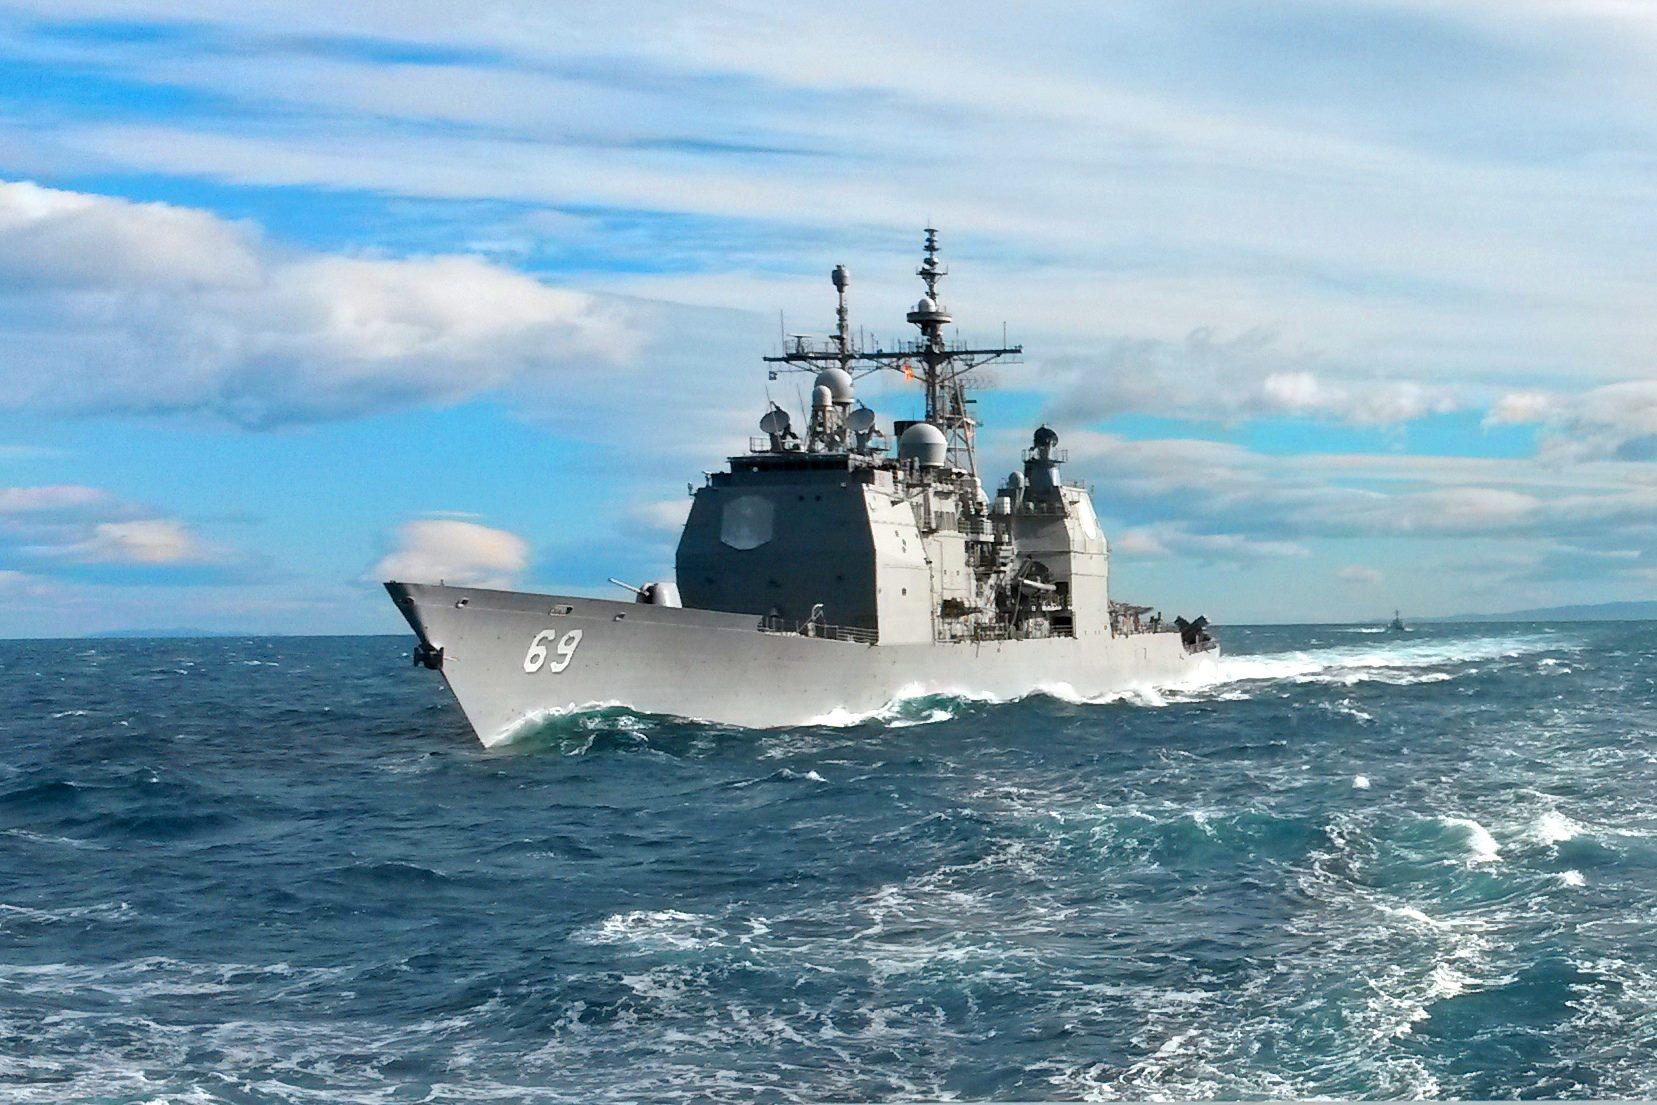 USS VICKSBURG CG-69 am 10.07.2015 im Atlantik Bild: U.S. Navy